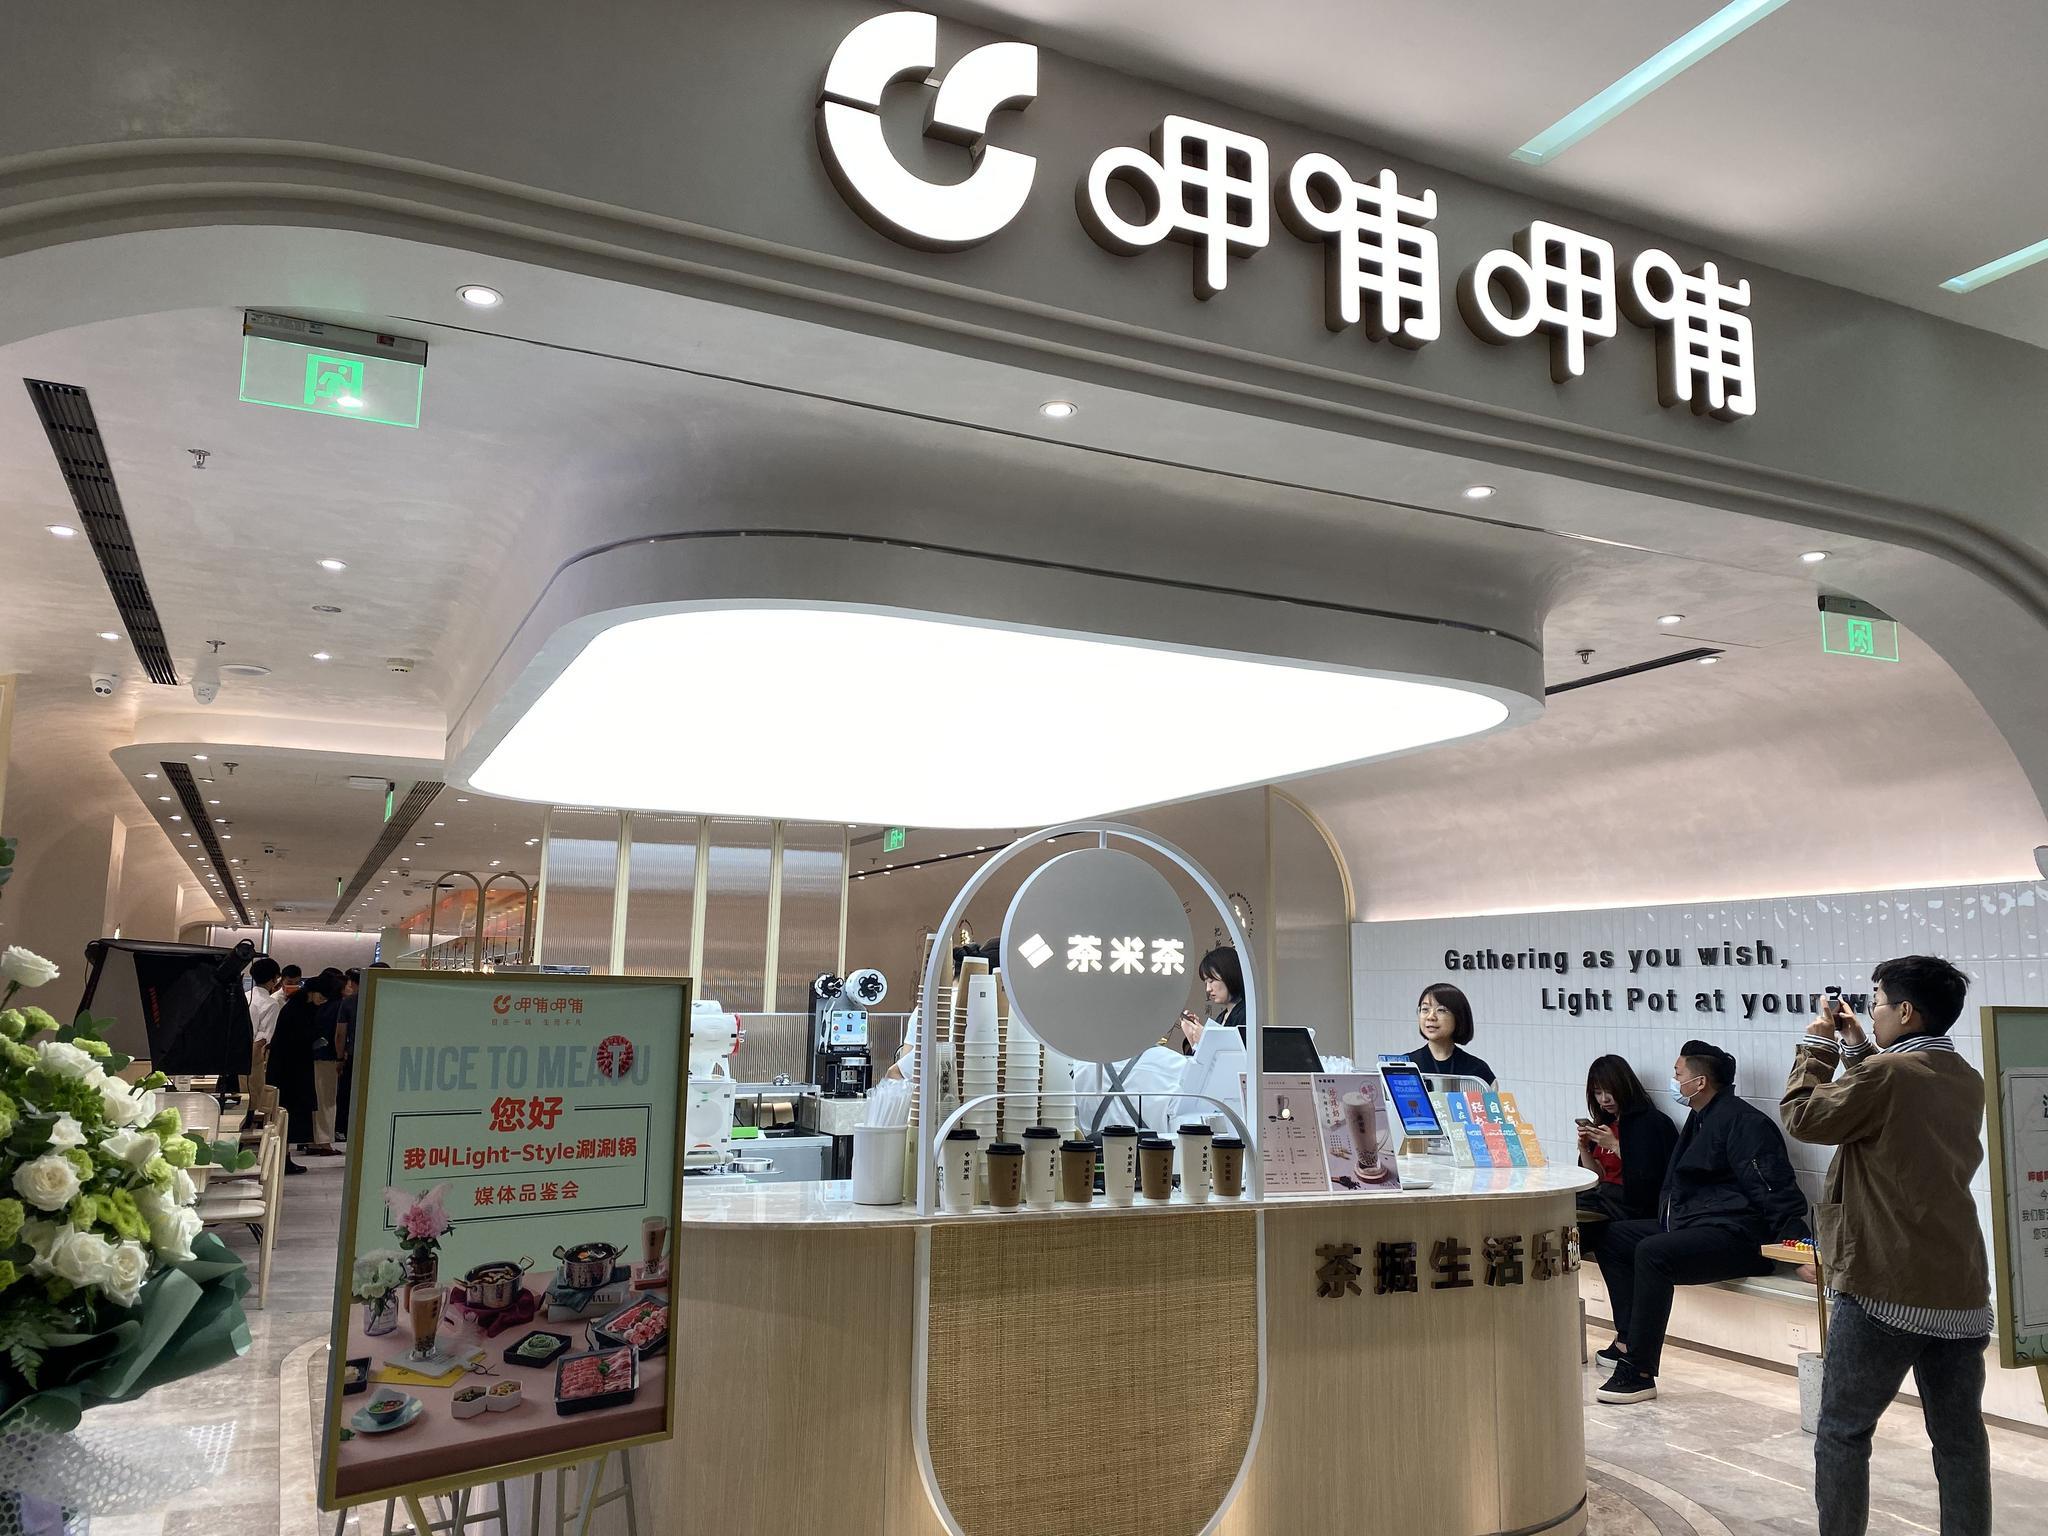 """呷哺火锅首家""""轻奢""""餐厅落户北京,年底开启全国门店升级图片"""